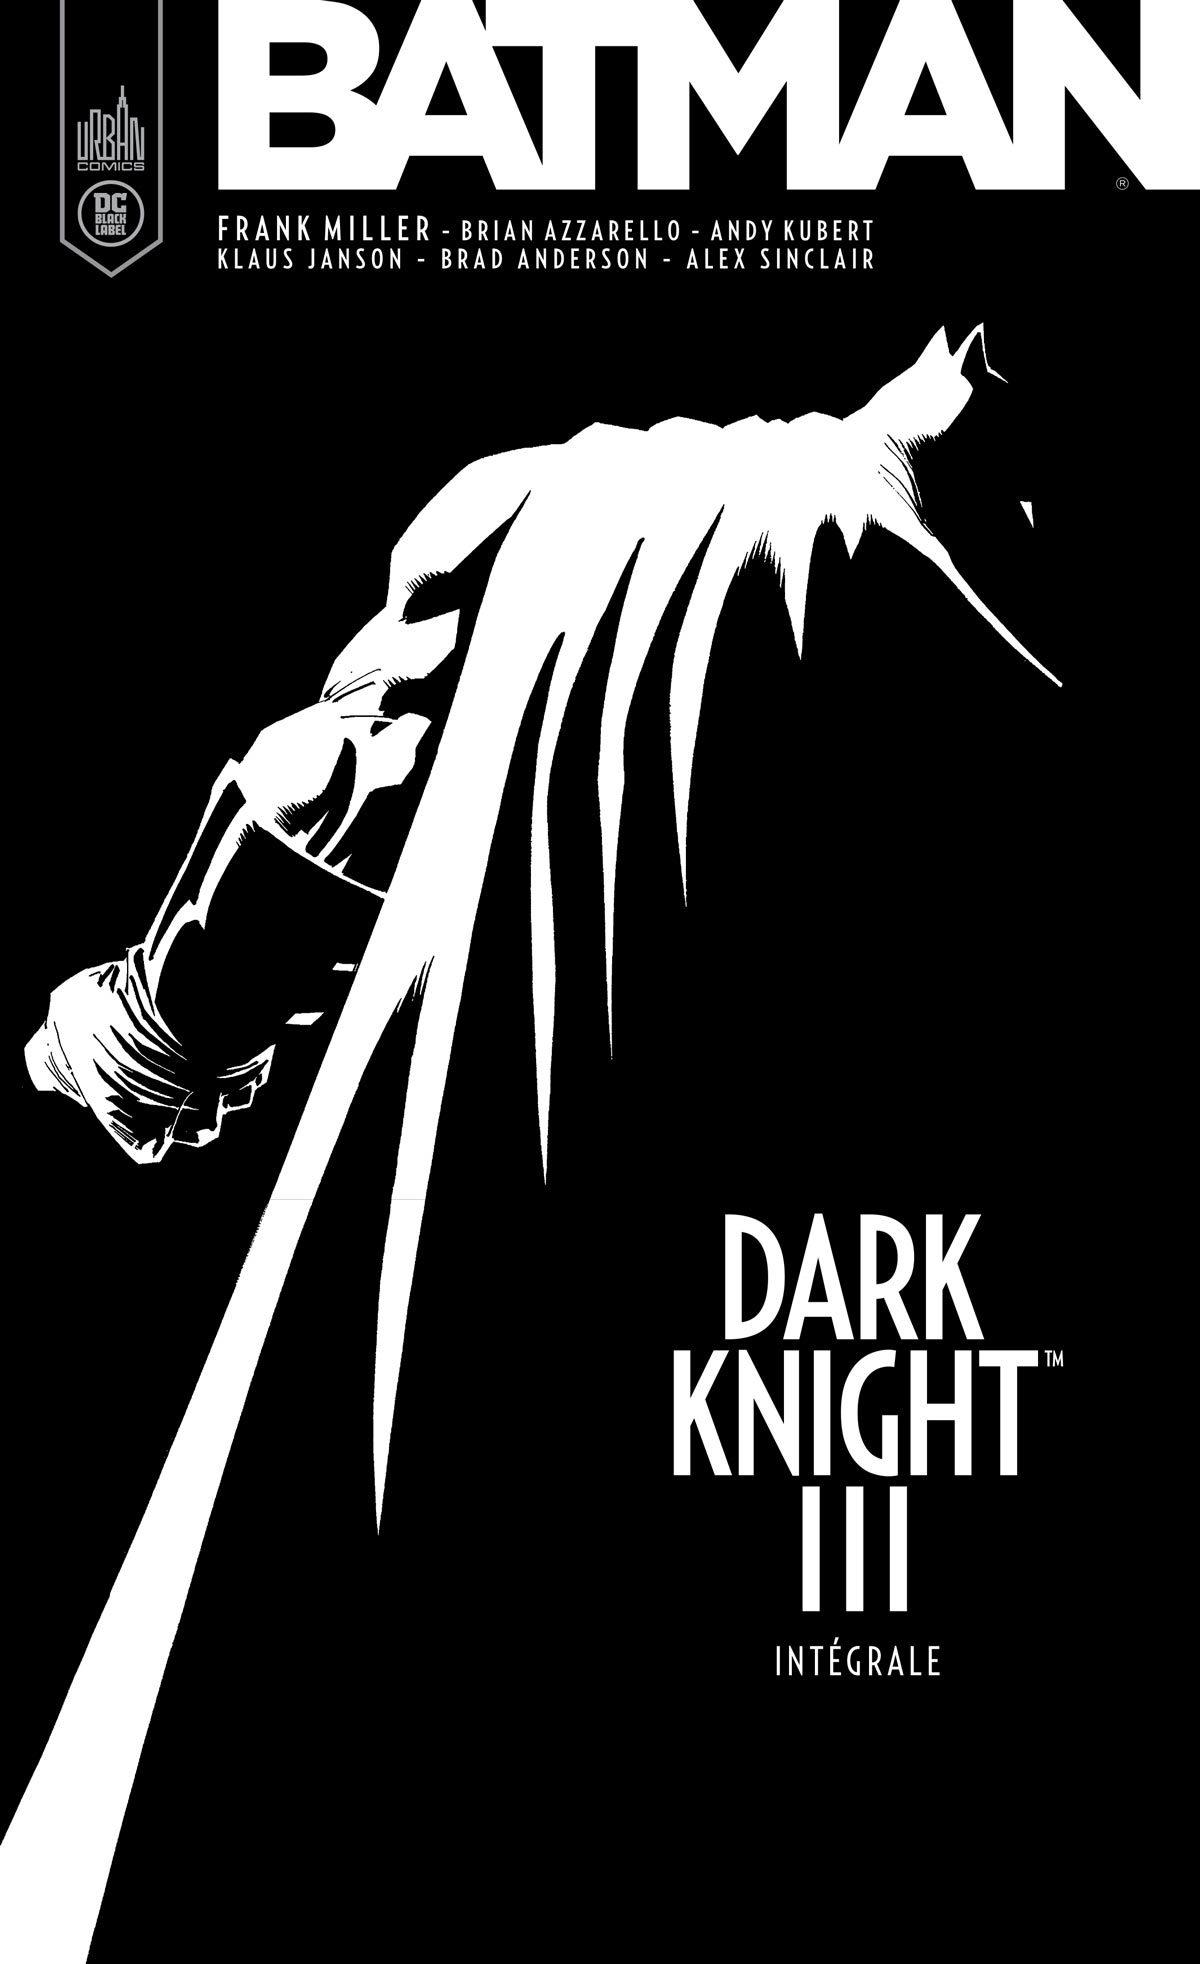 BATMAN - DARK KNIGHT III INTEGRALE - DC BLACK LABEL